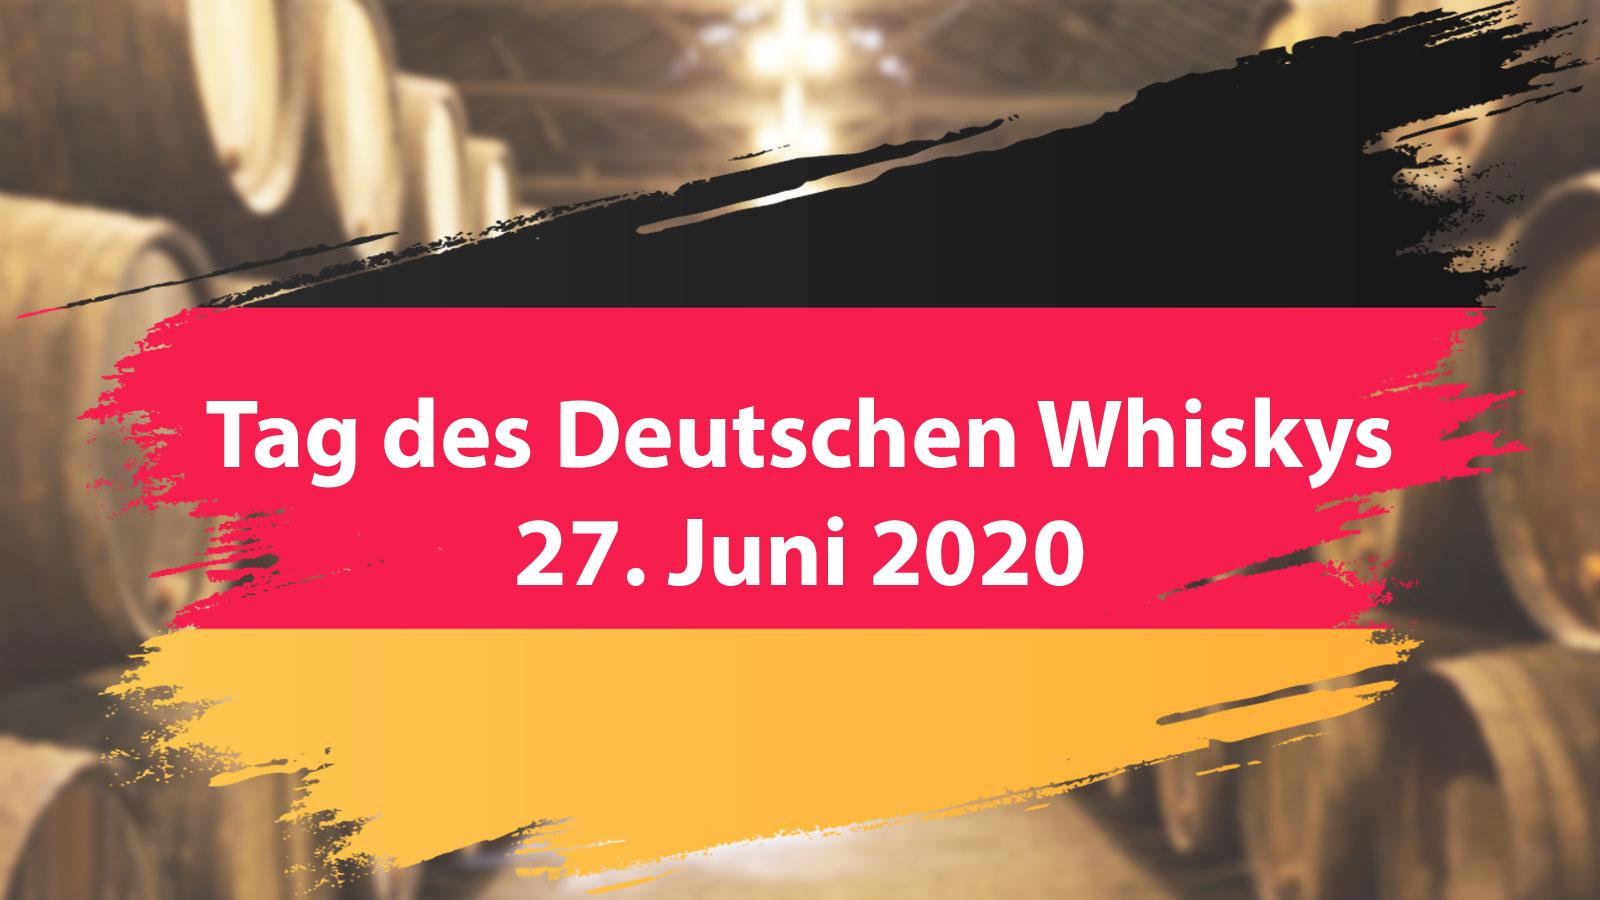 Tag des Deutschen Whiskys 2020: Deutsche Brennereien öffnen am 27. Juni